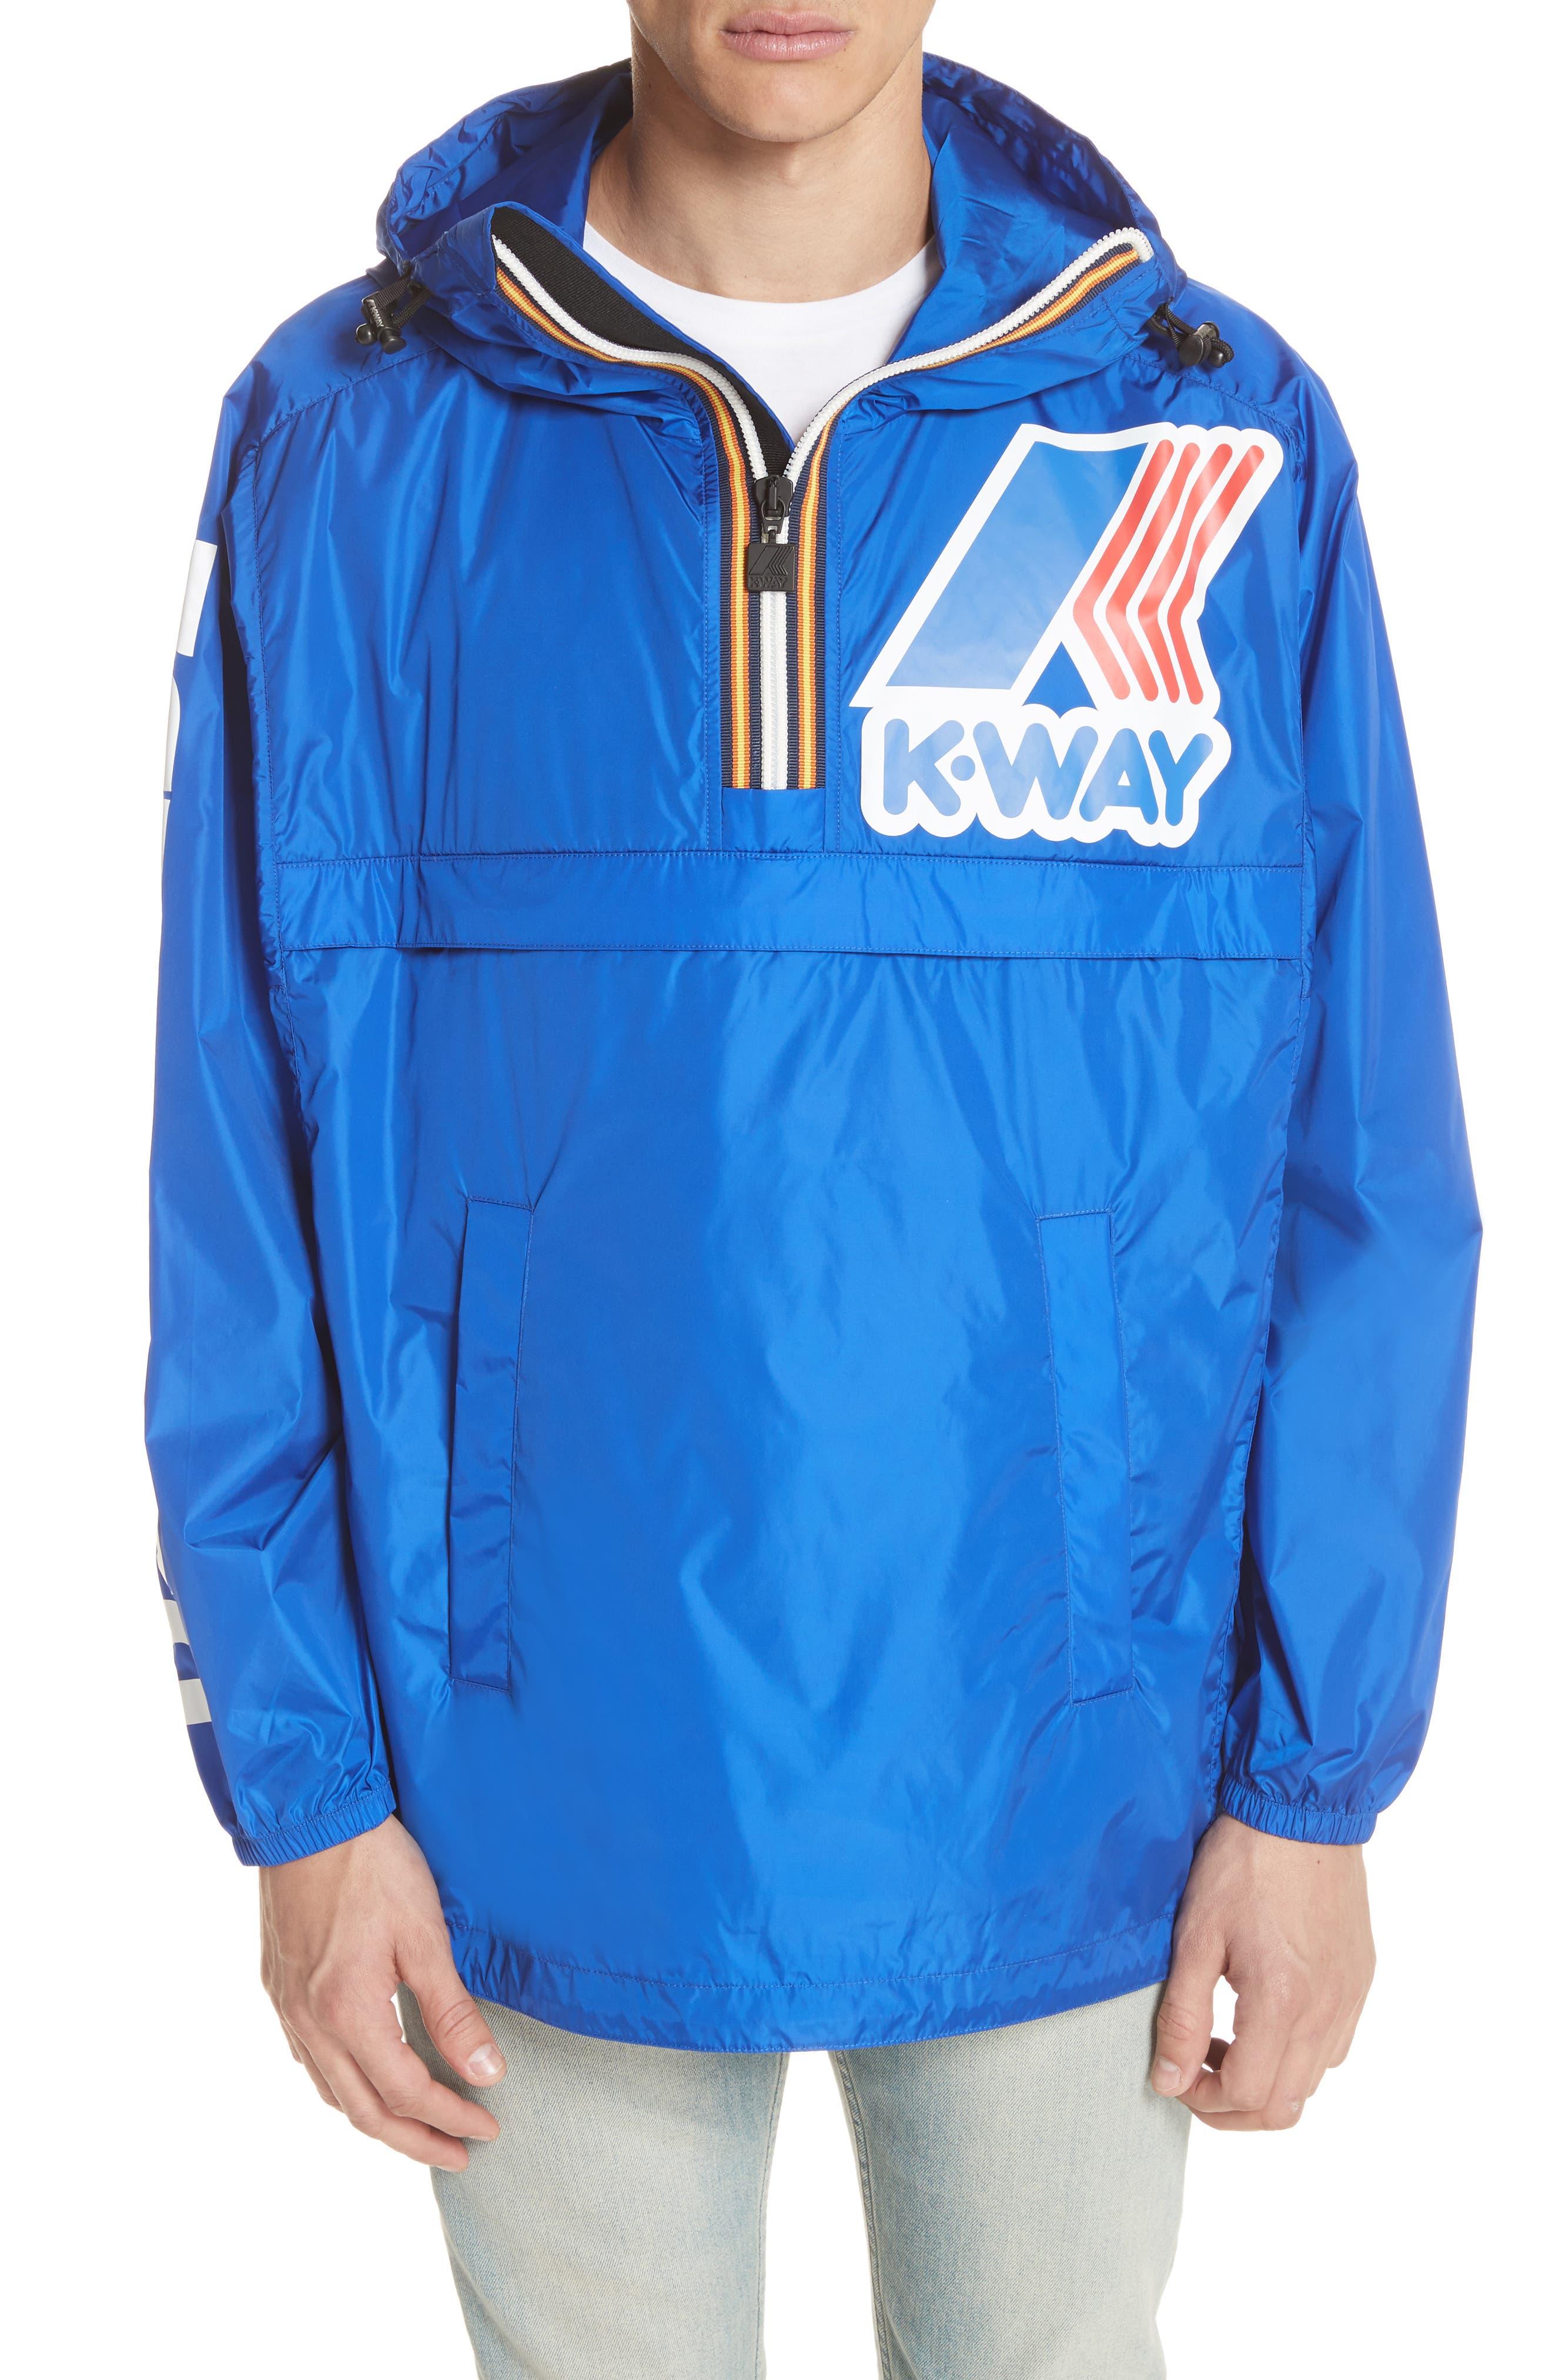 x K-Way Windbreaker,                         Main,                         color, Light/Blue